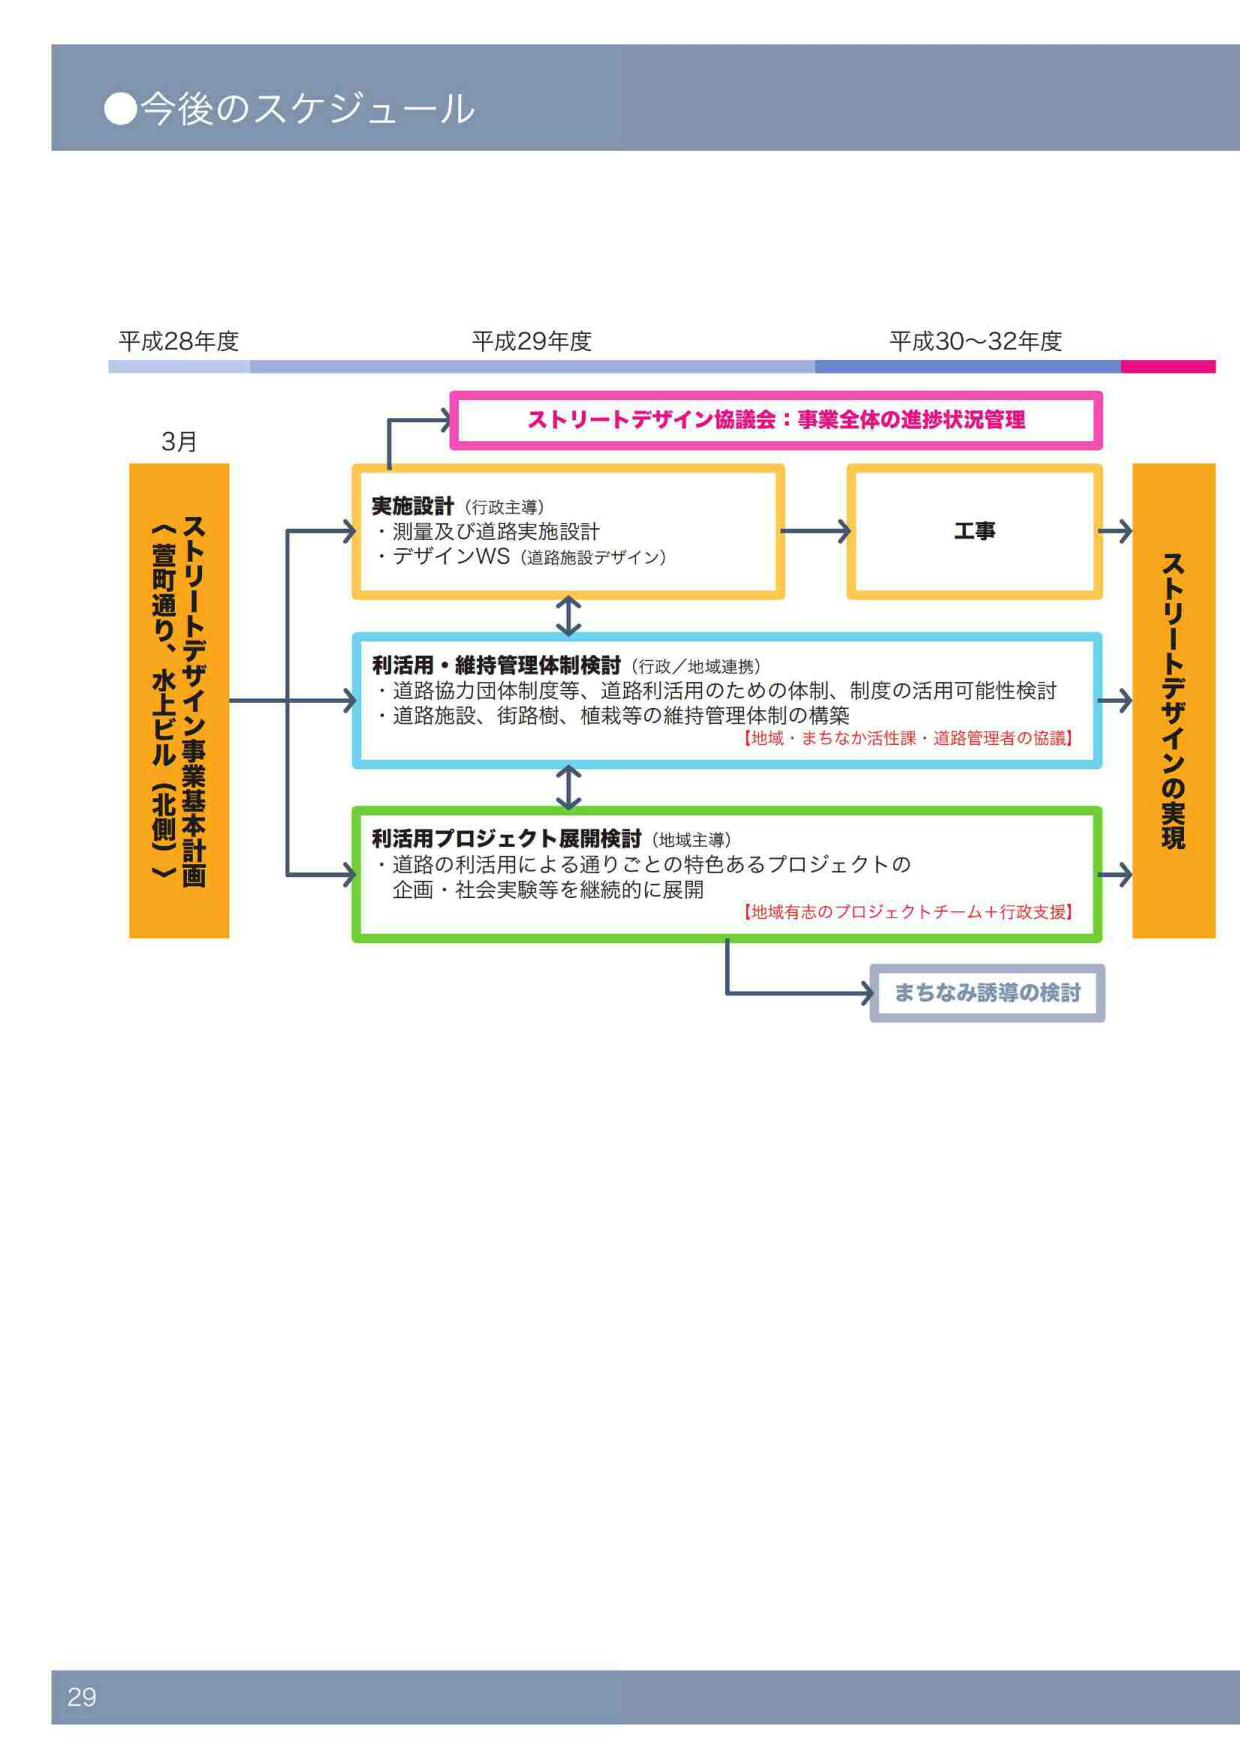 190108_kihon_keikaku_16